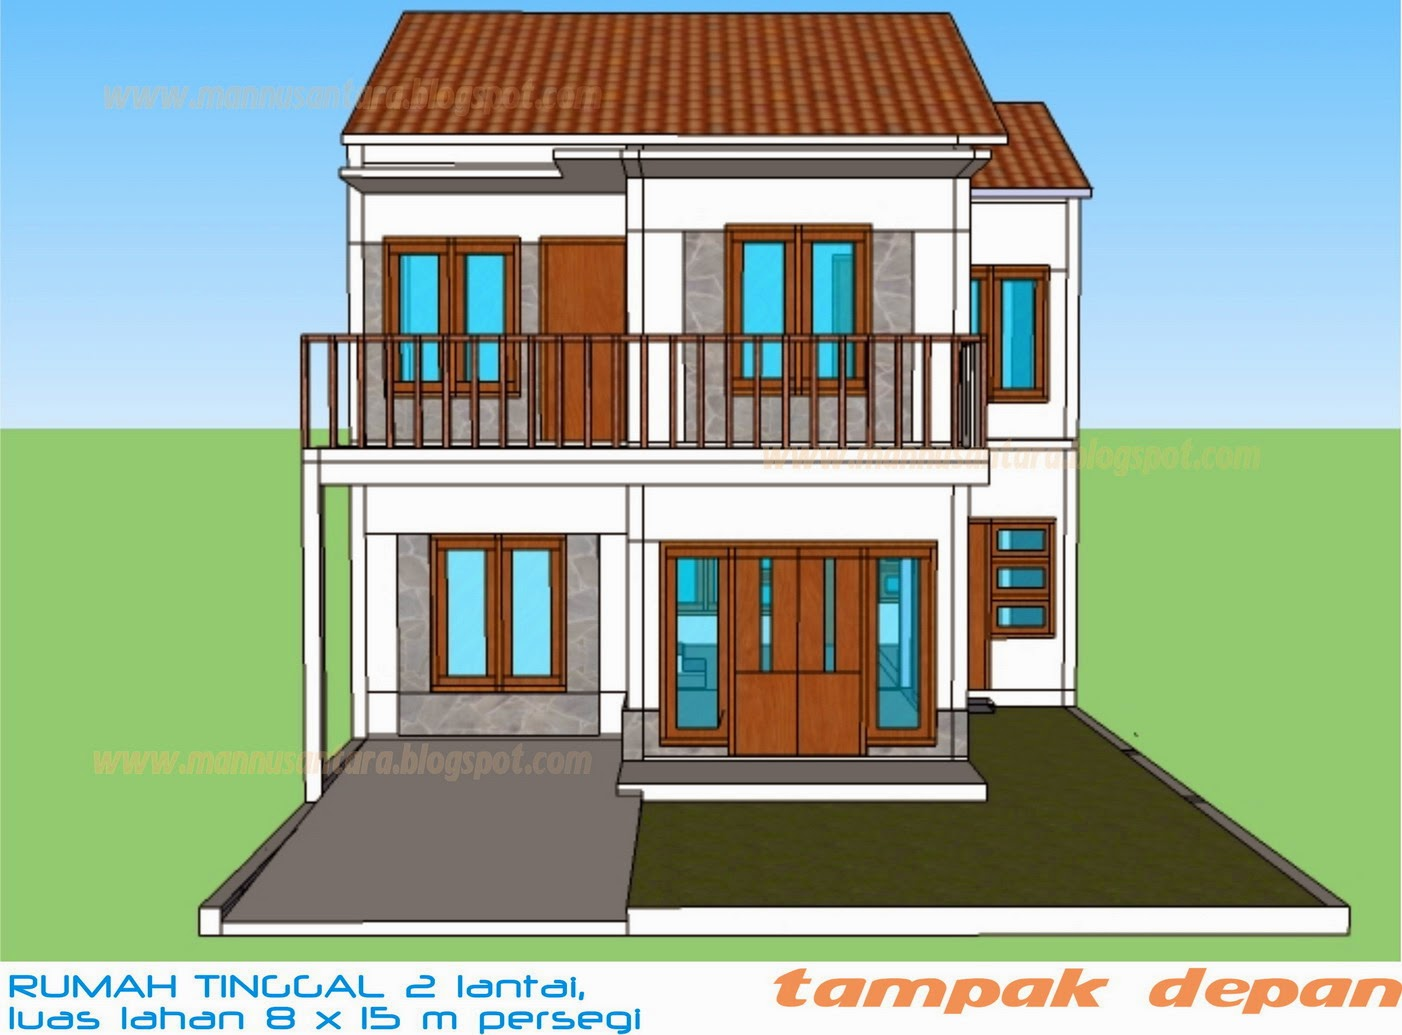 67 Desain Rumah Minimalis 8 X 15 Desain Rumah Minimalis Terbaru